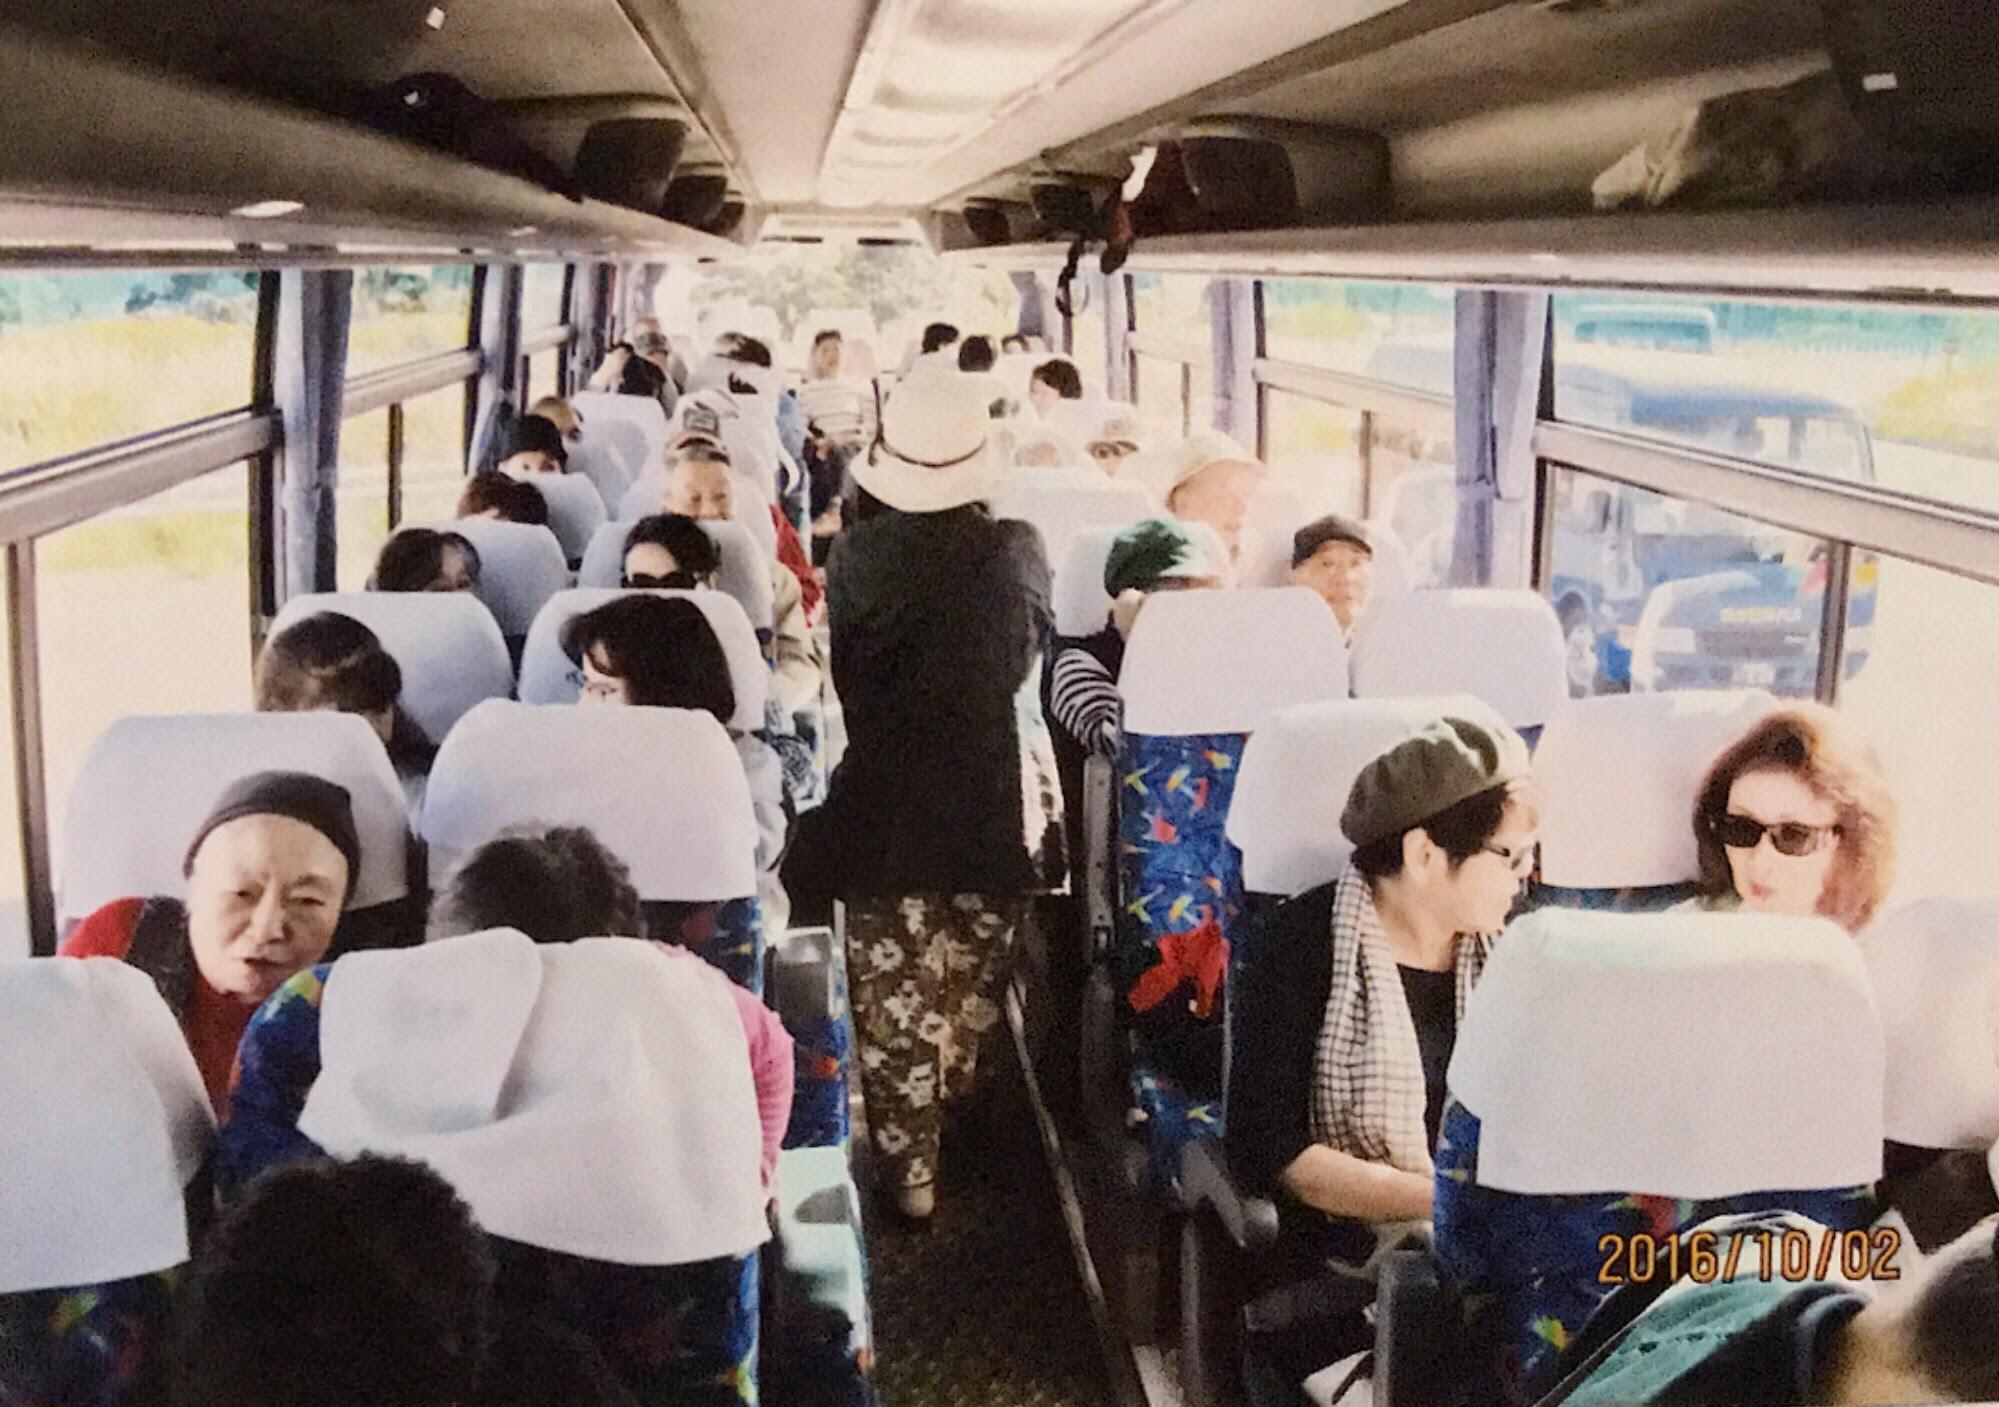 2016.10.2 秋を味わう 日帰りバス旅行 ~小樽運河散策と仁木フルーツ狩り~